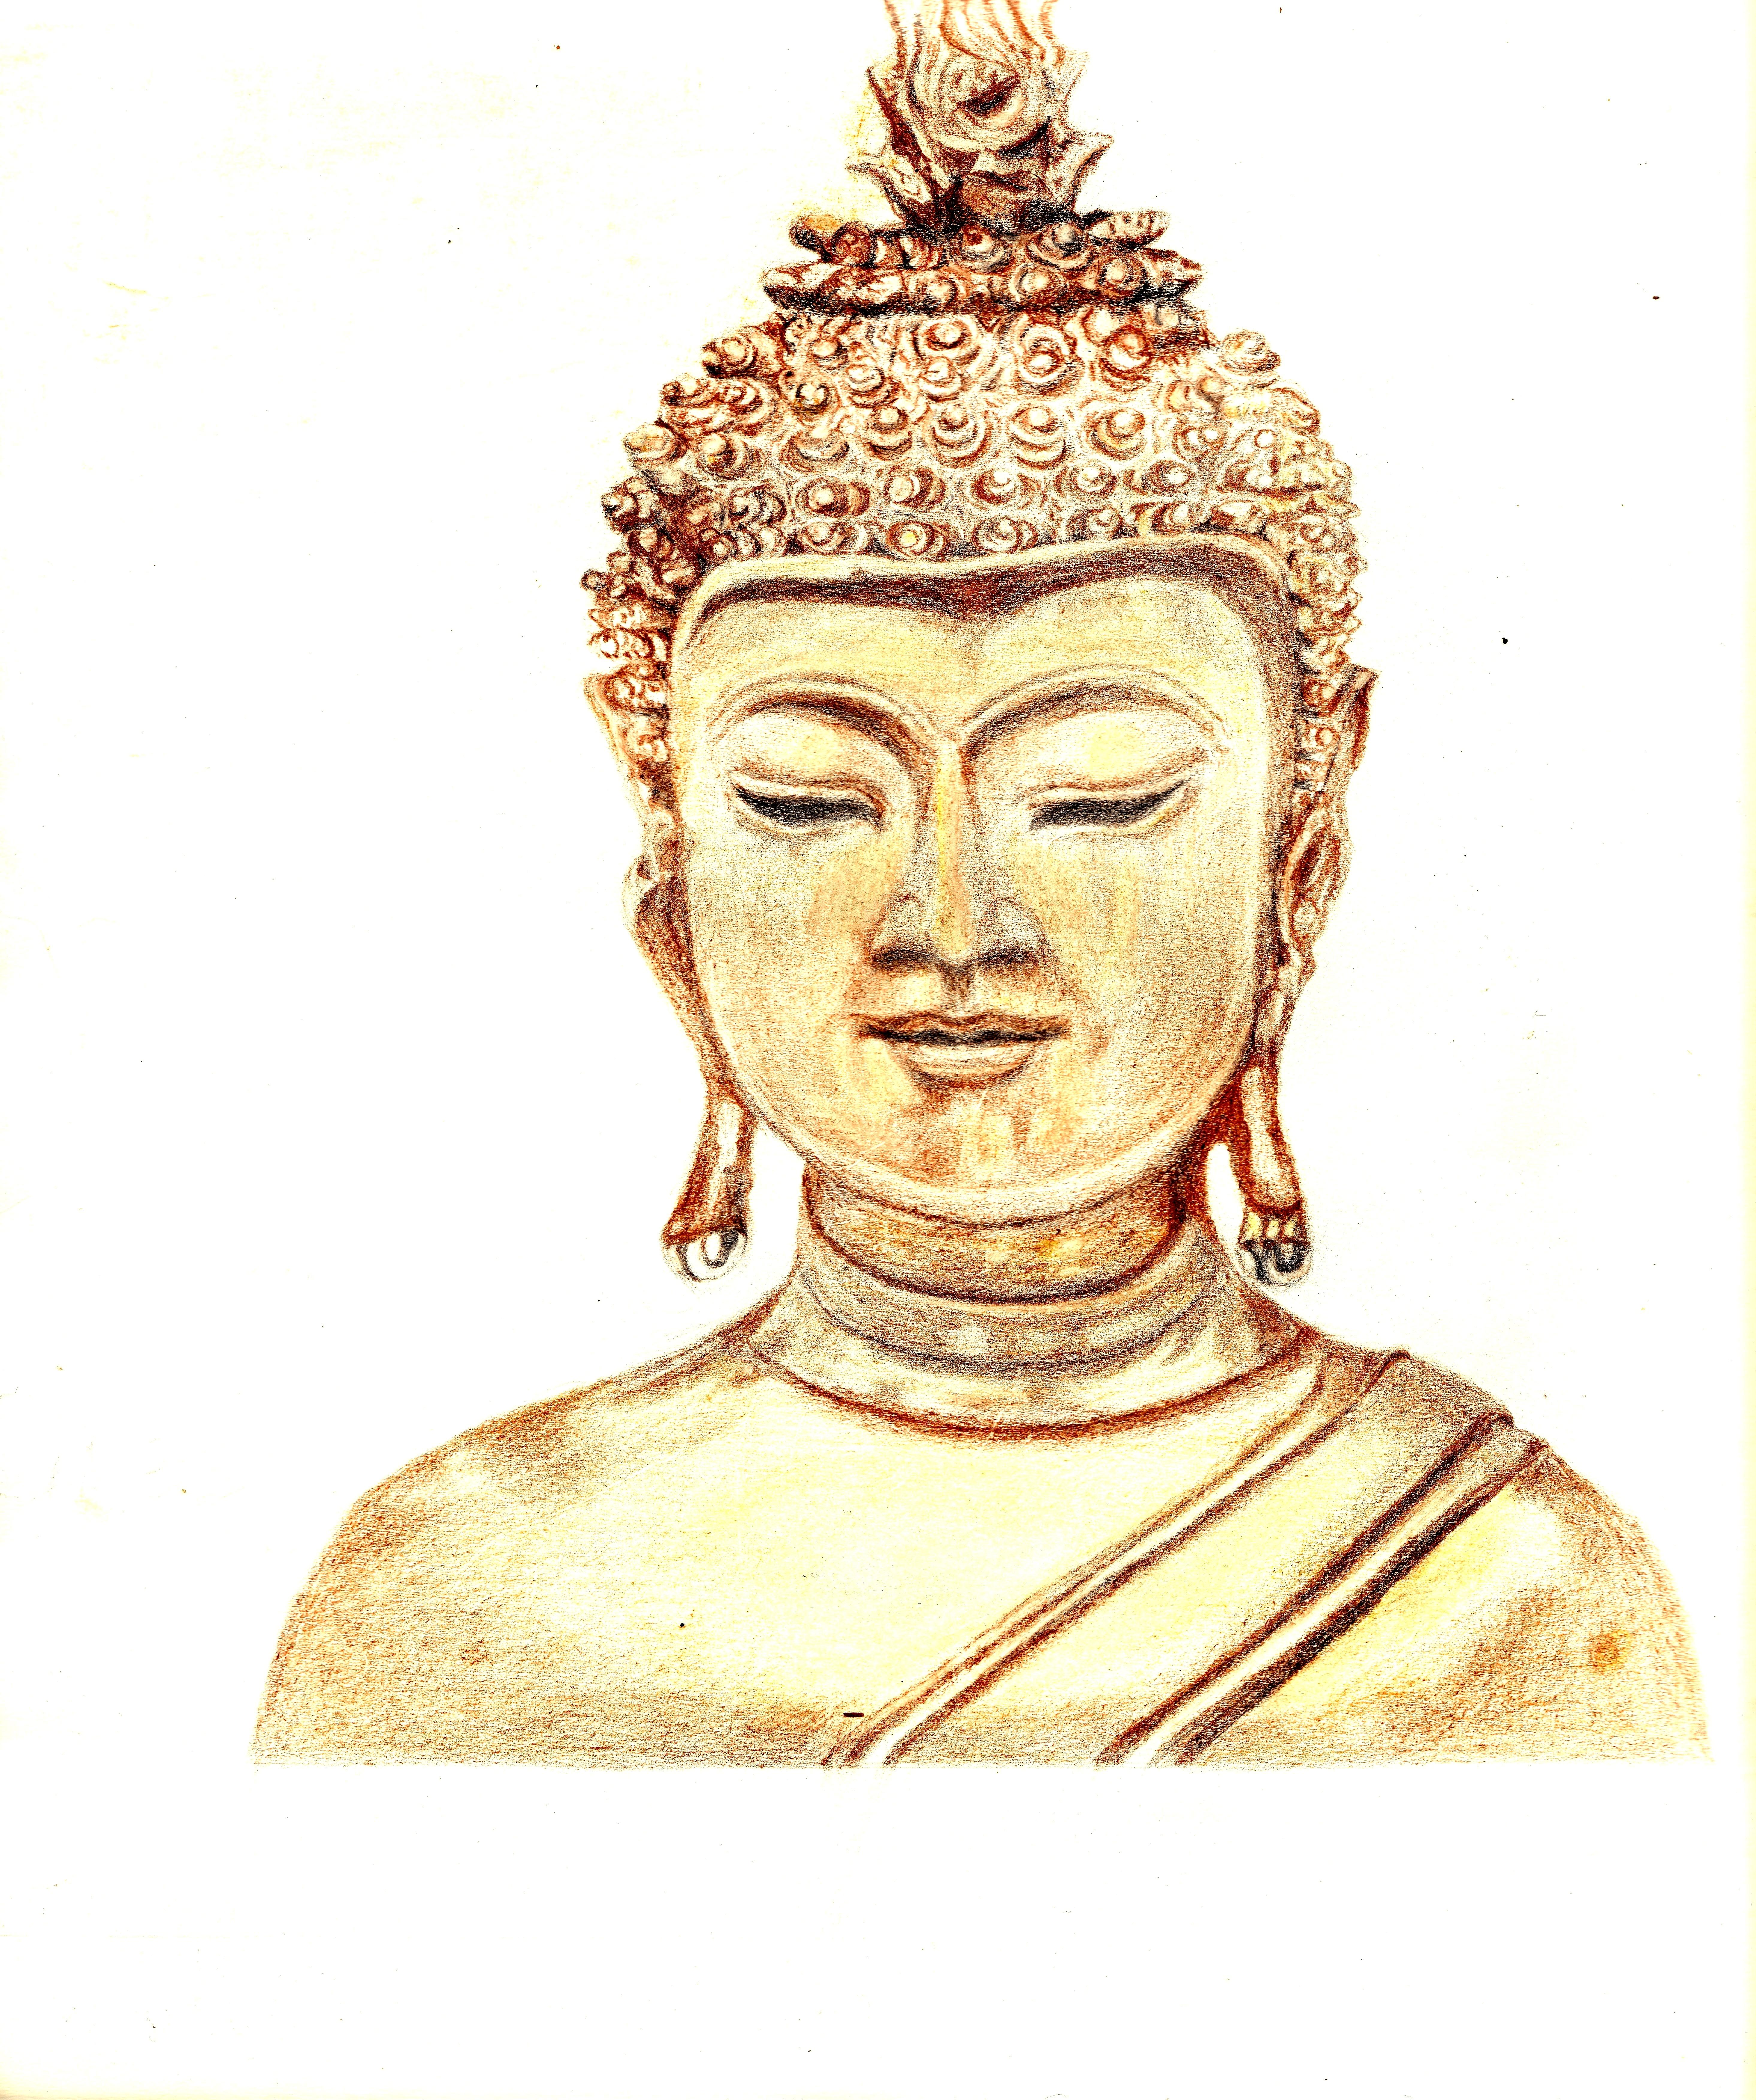 eigen tekening, boeddha. – mareiki ॐ